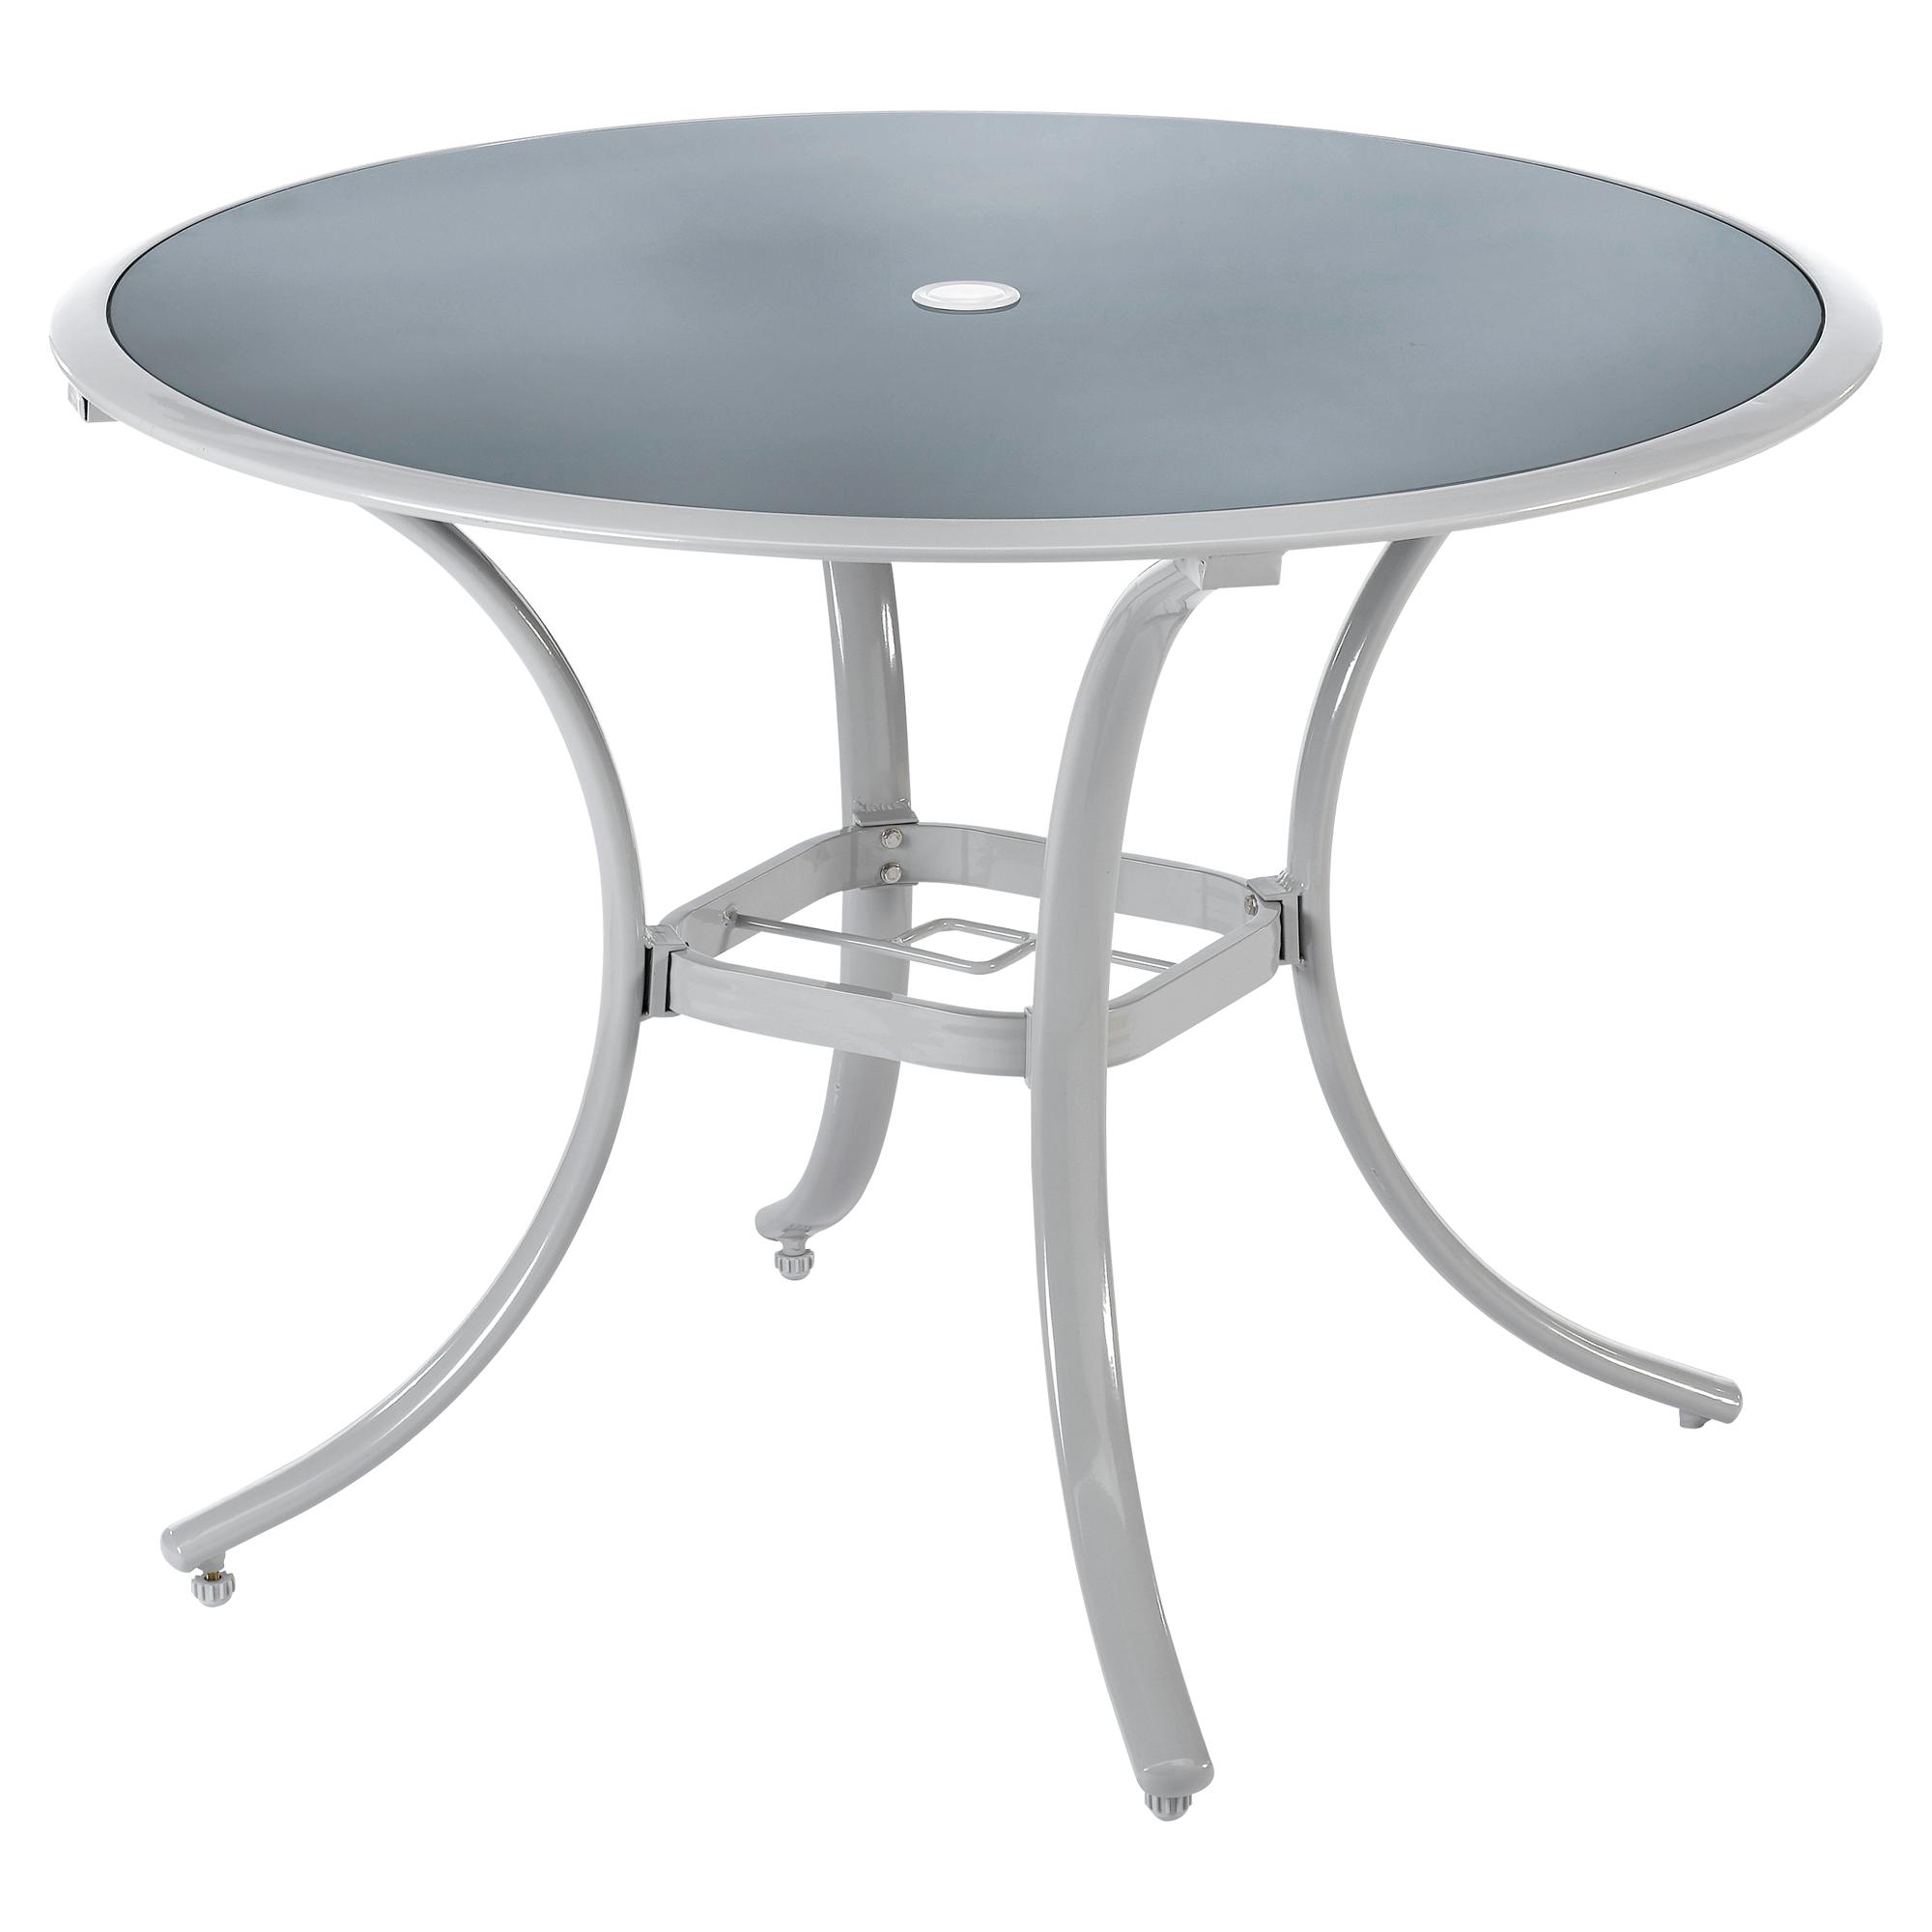 gartentisch rund glas elegant wien gartentisch cm nature vintage with gartentisch rund glas. Black Bedroom Furniture Sets. Home Design Ideas